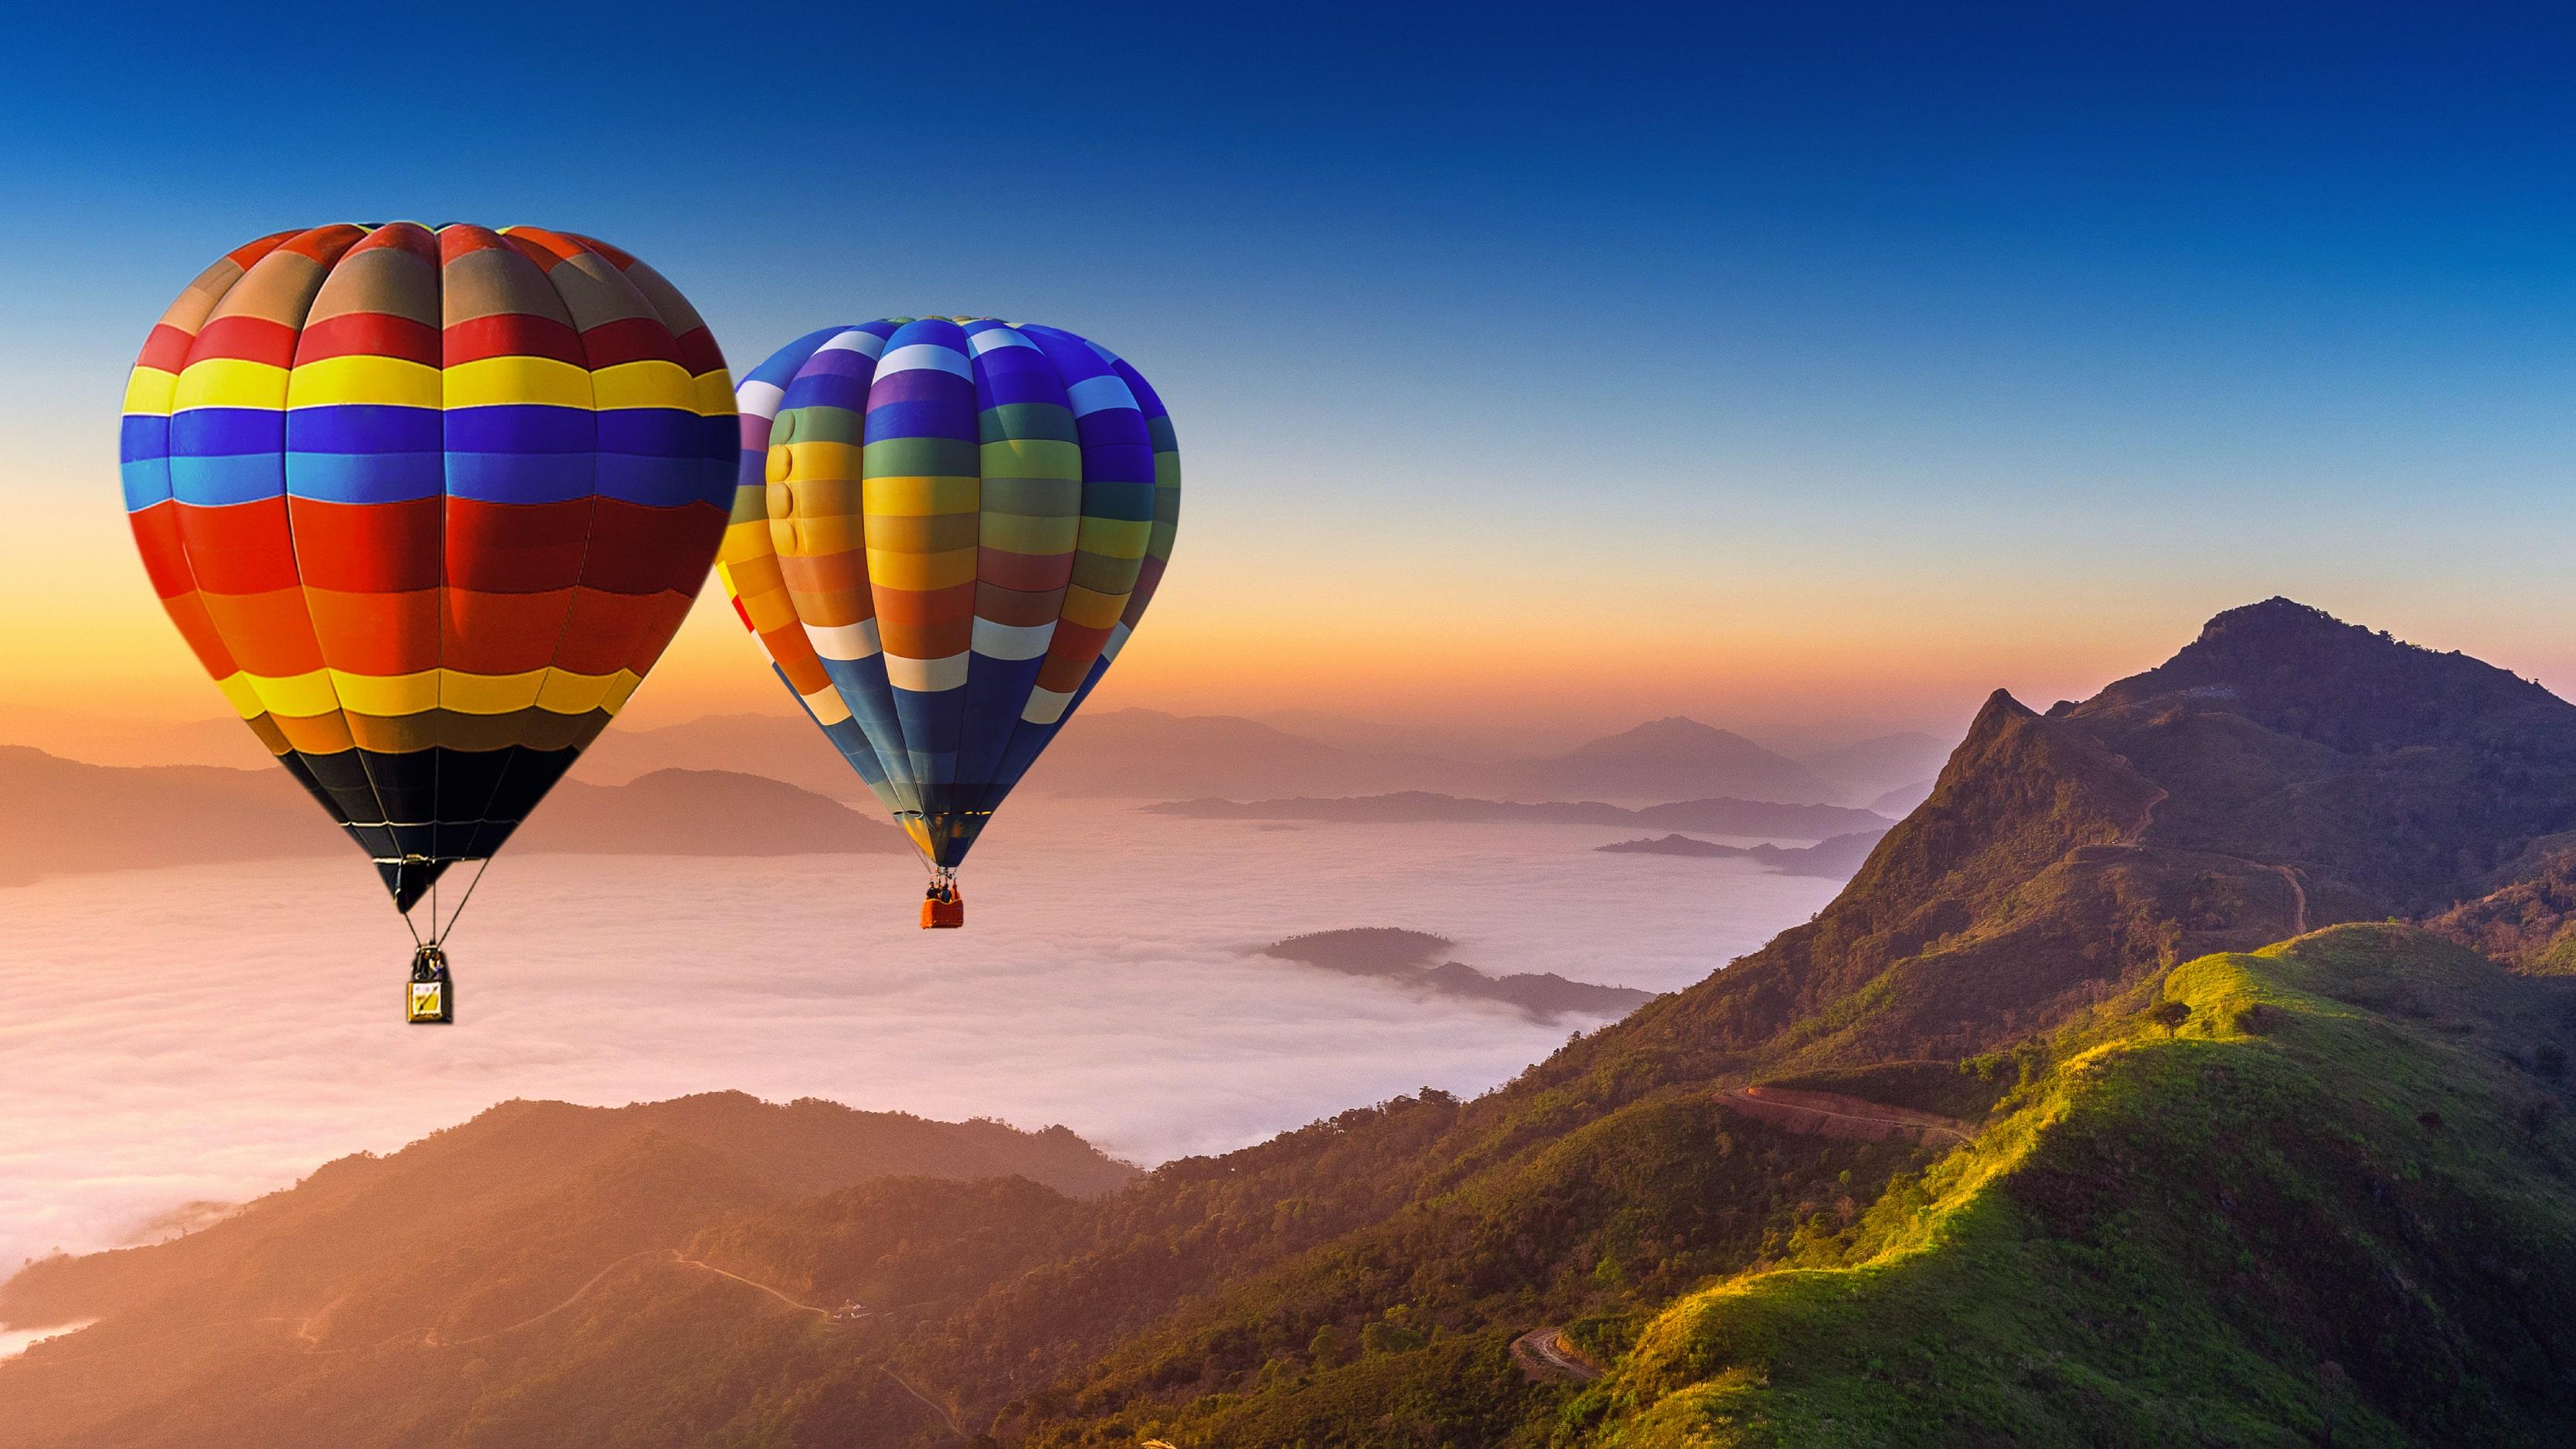 Ballooning PA